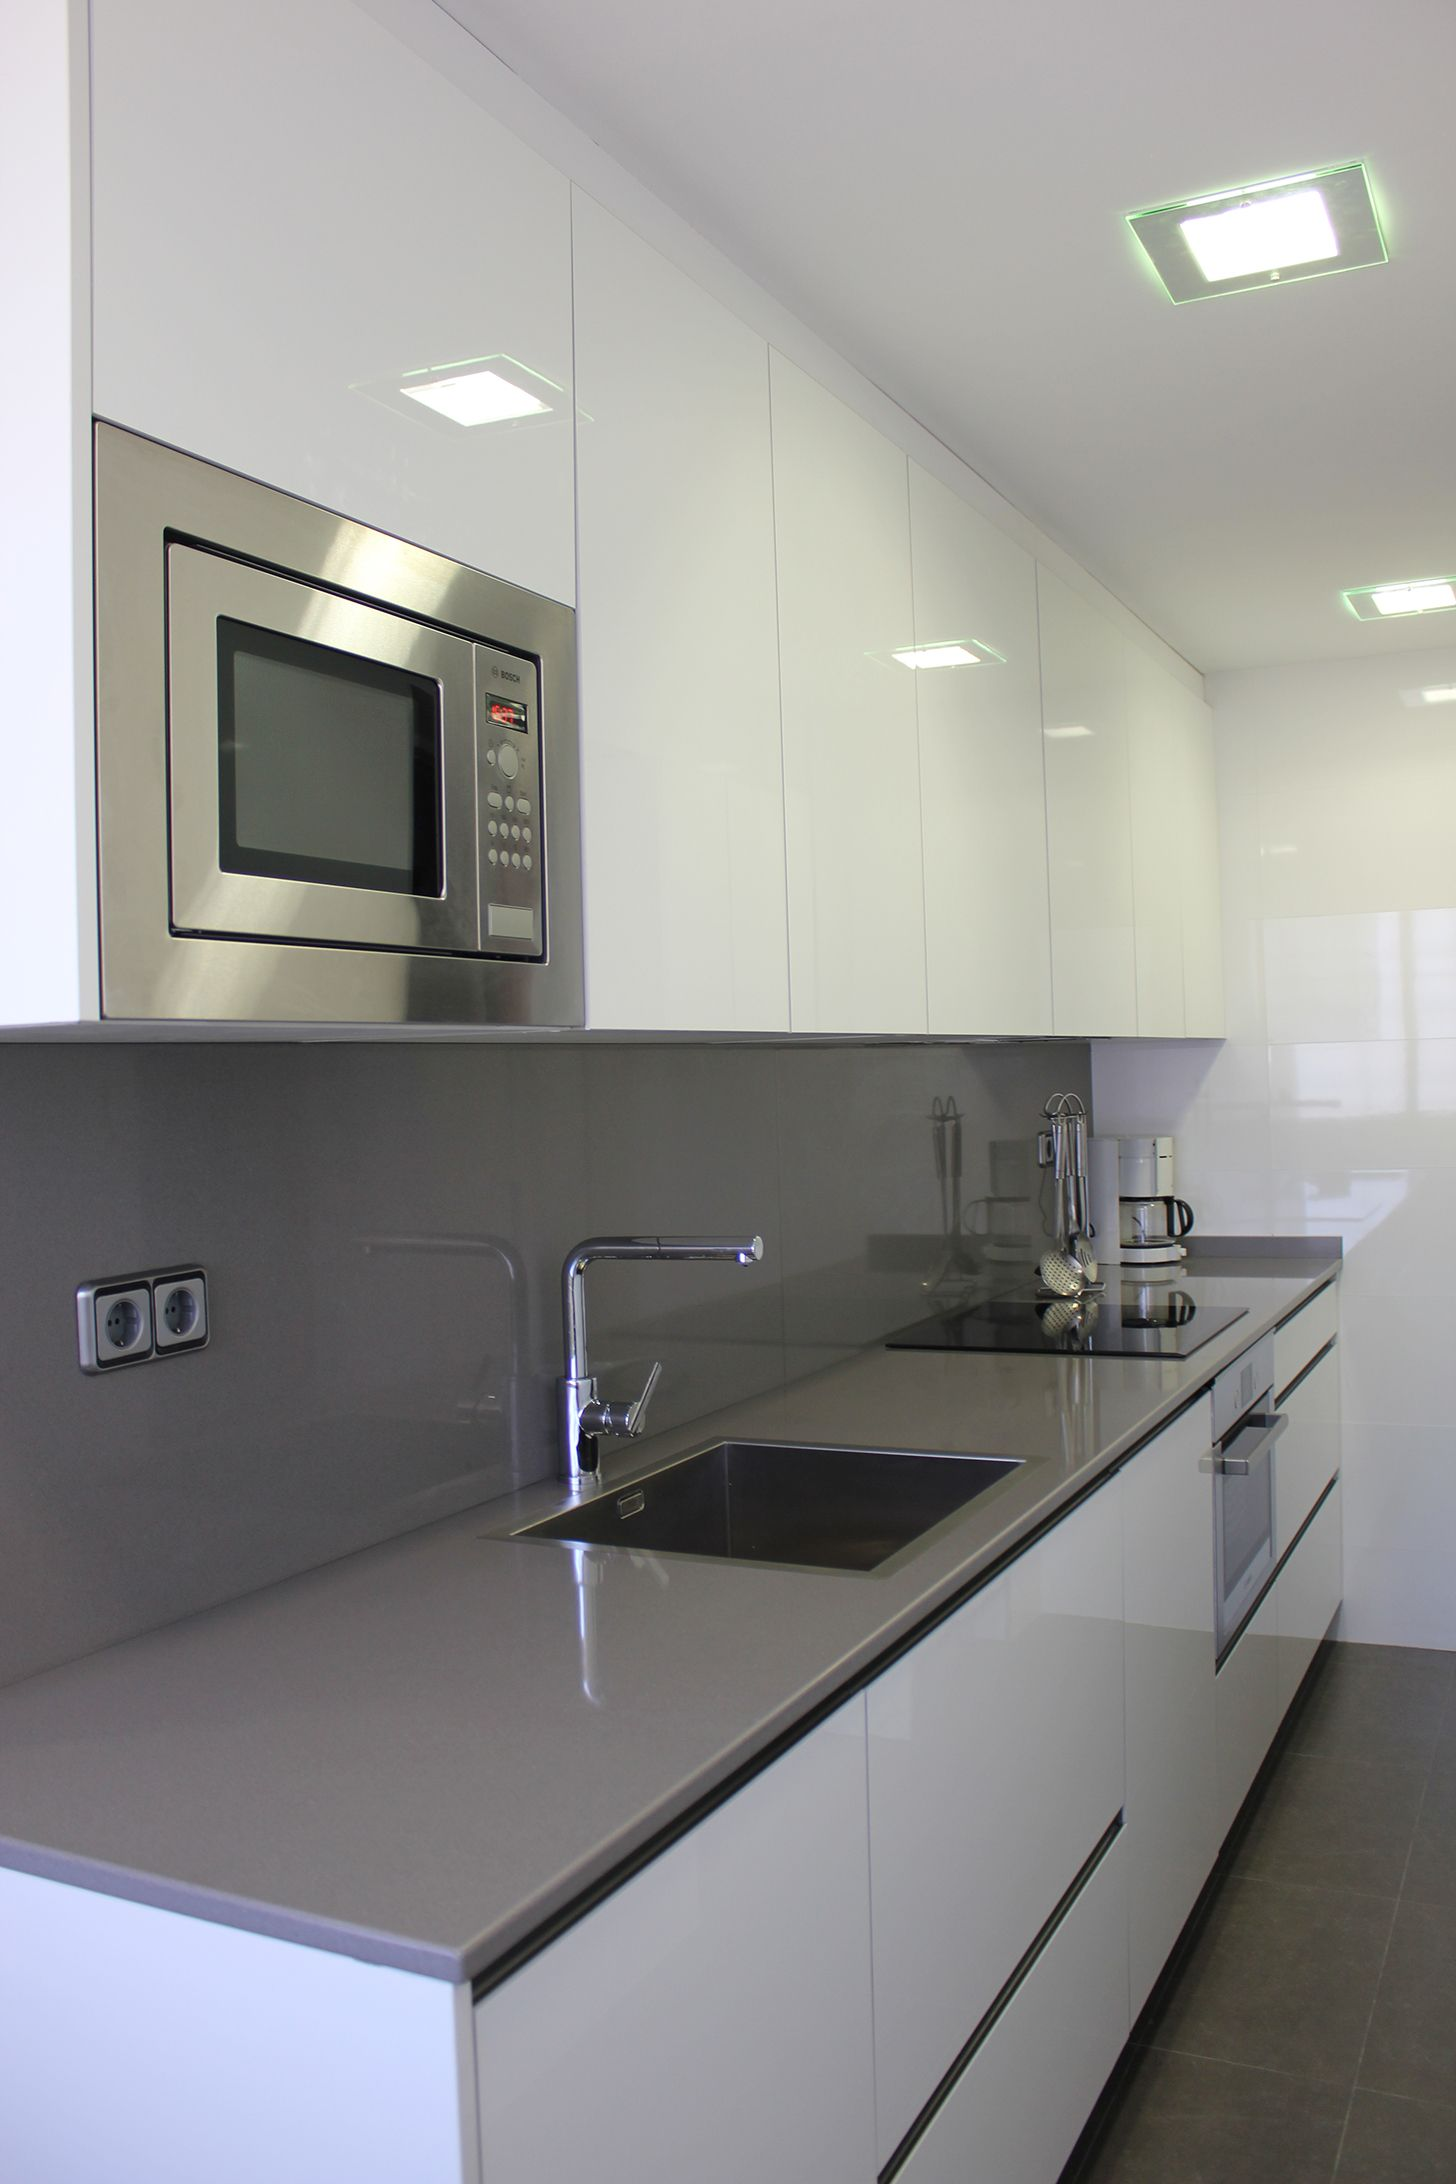 Cocina con mobiliario en t2 blanco cristal combinado con for Ideas decorativas para cocinas pequenas